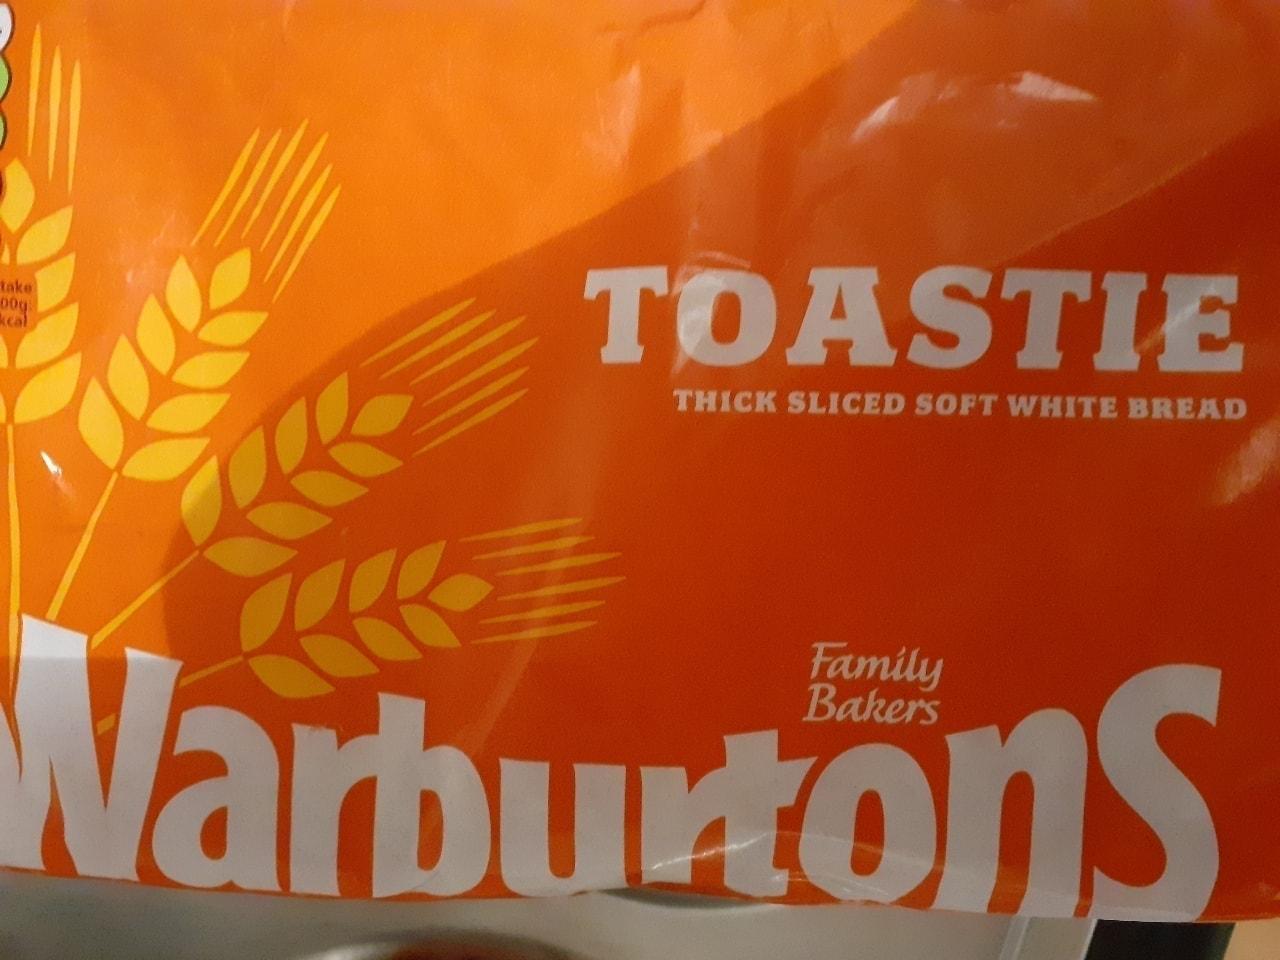 Toastie warburtons